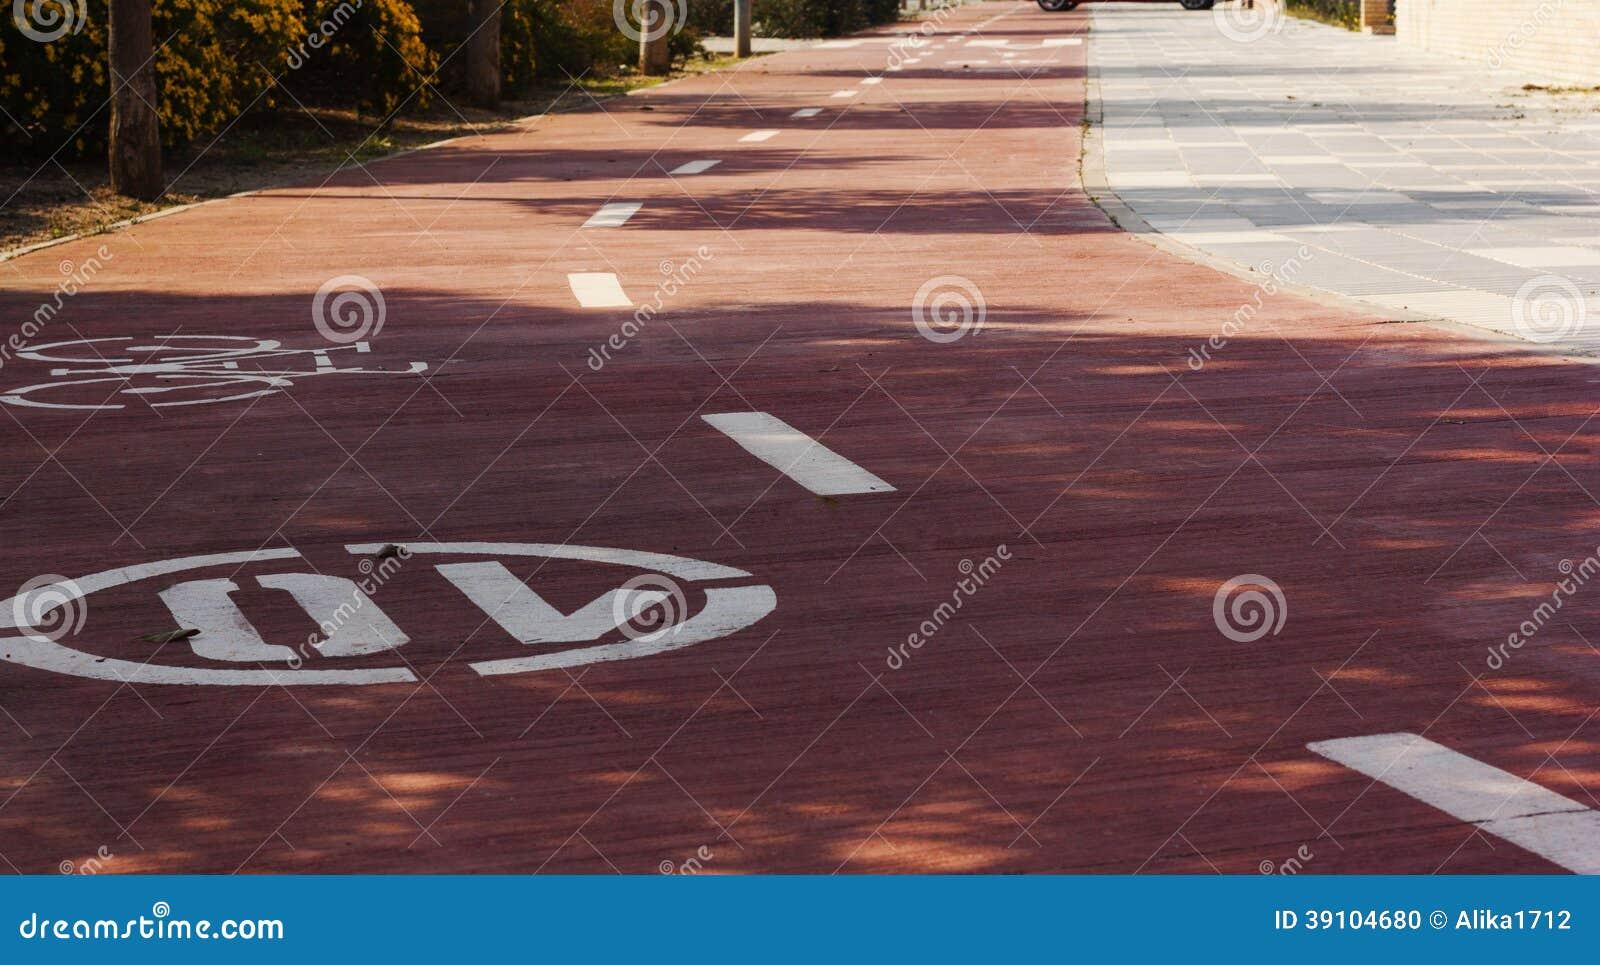 Fietsstegen en wit fietssymbool